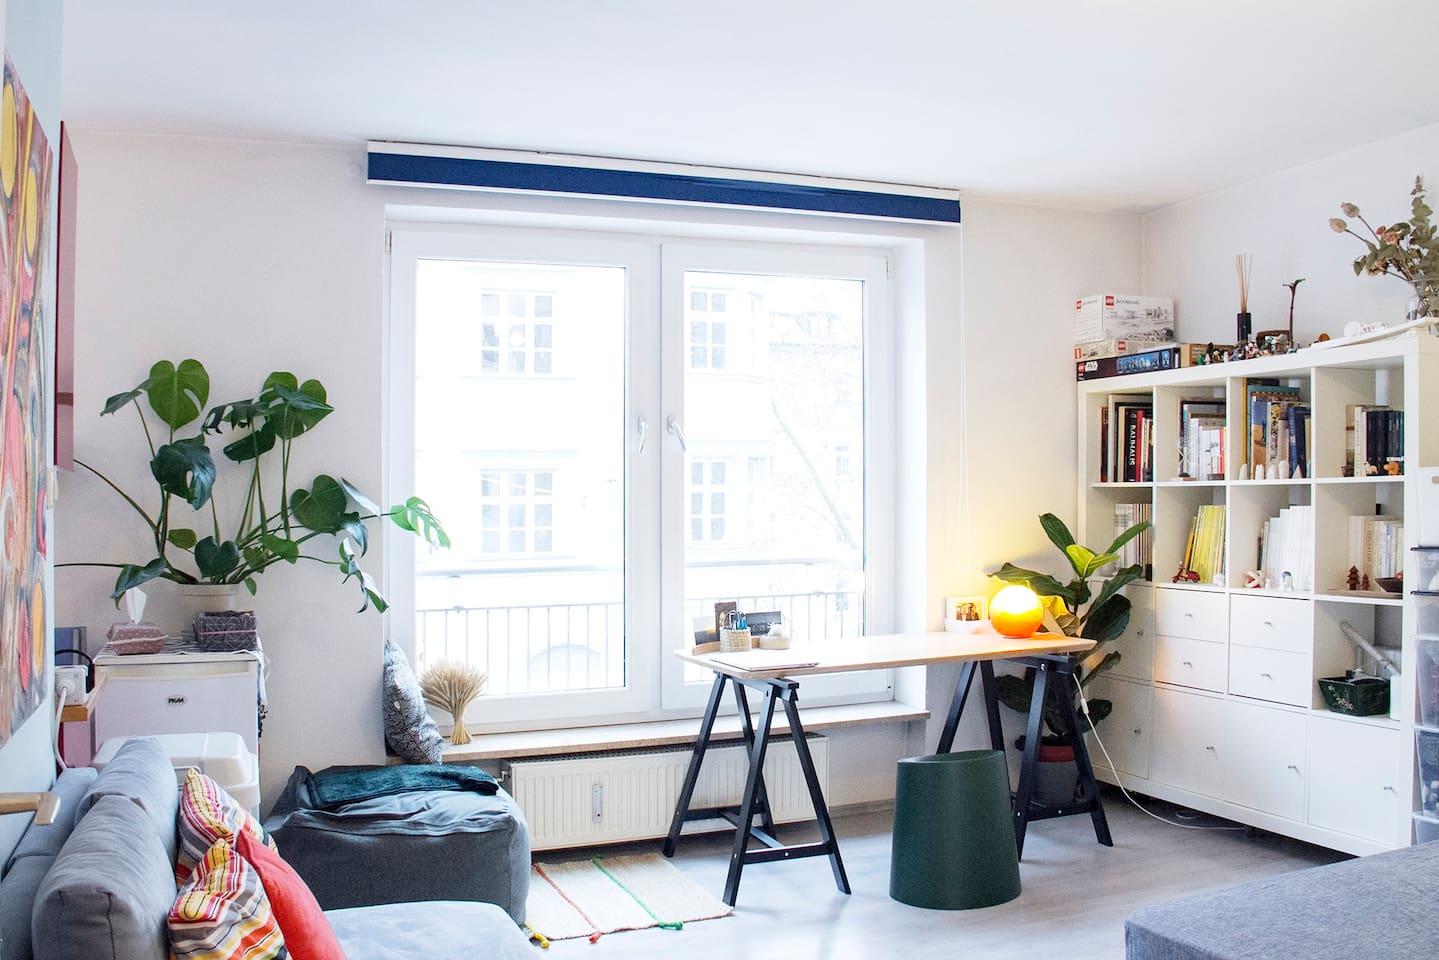 我们共同使用的客厅,有工作桌,懒人沙发,双人沙发,照片左侧连接的厨房,右下方入镜的是我的床。